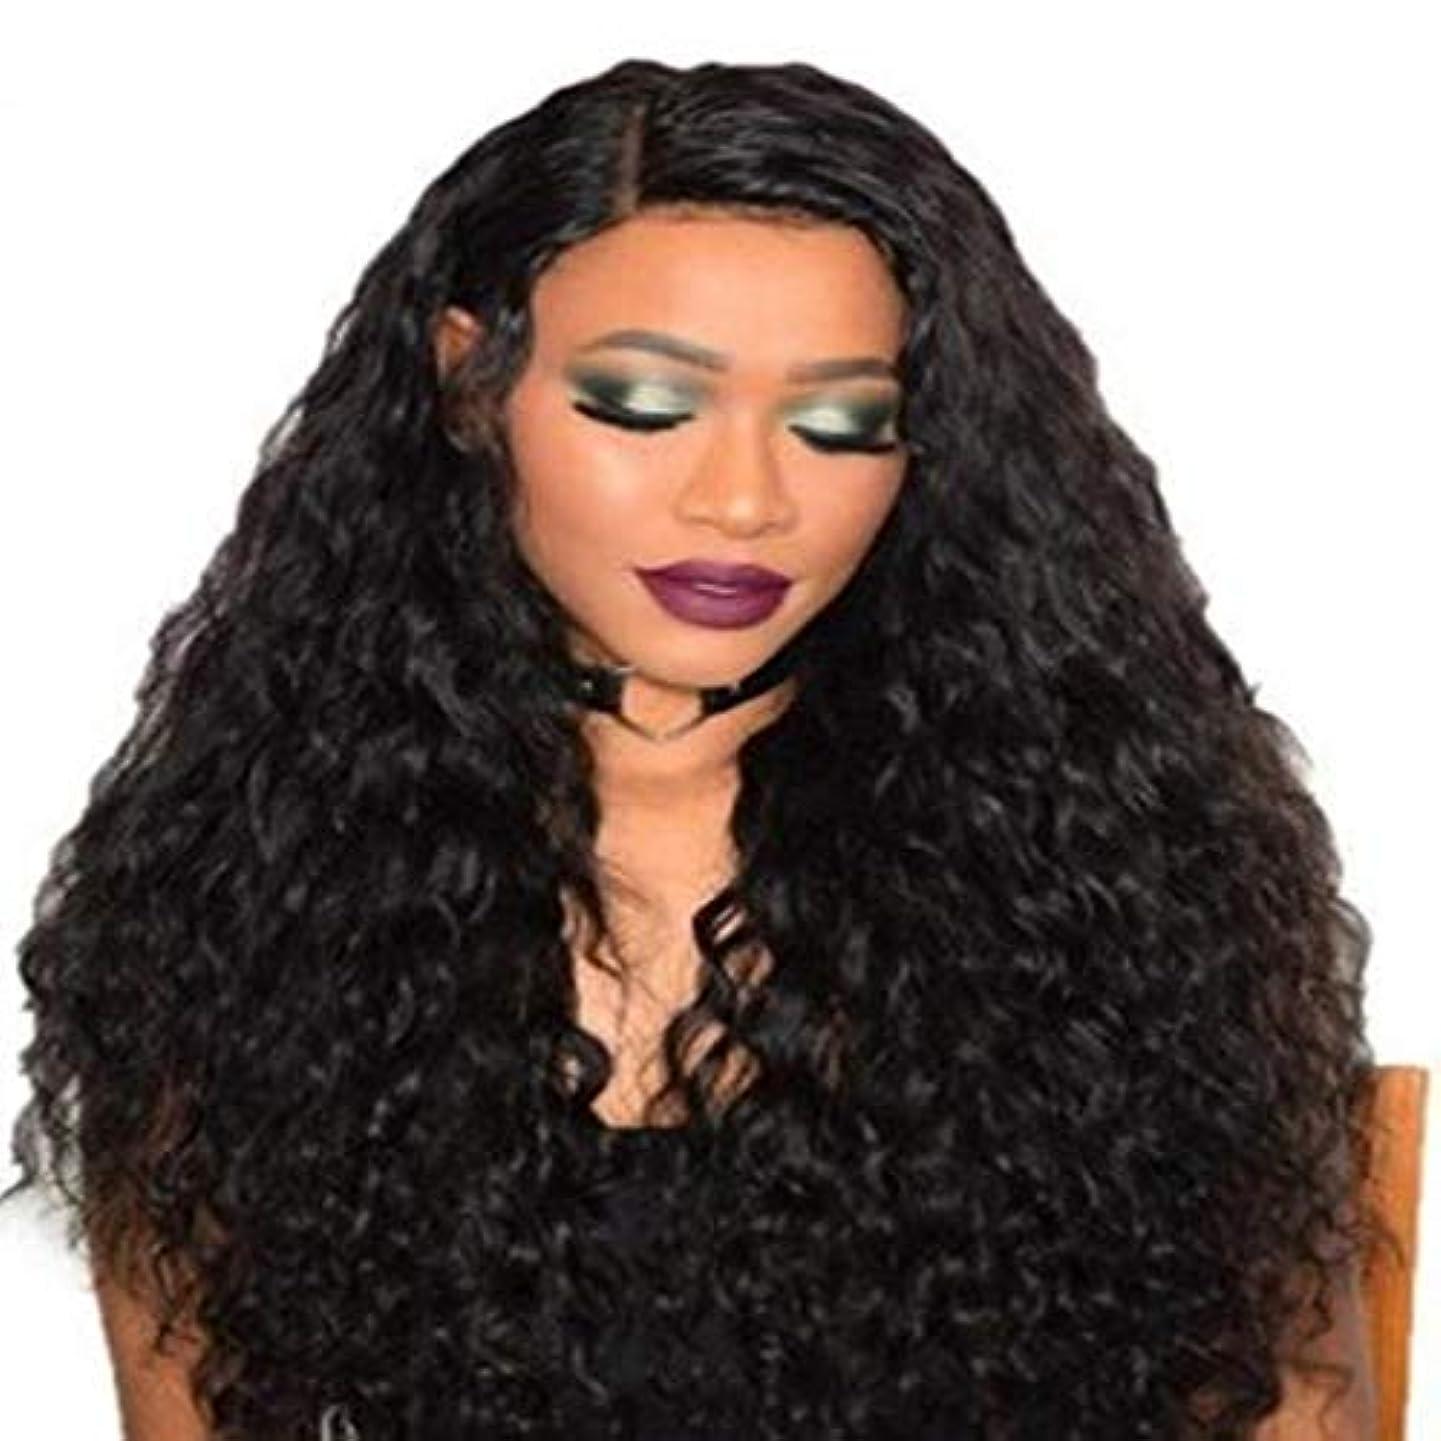 何十人もおとこ北女性の黒いトウモロコシ長い巻き毛のかつら75 cm